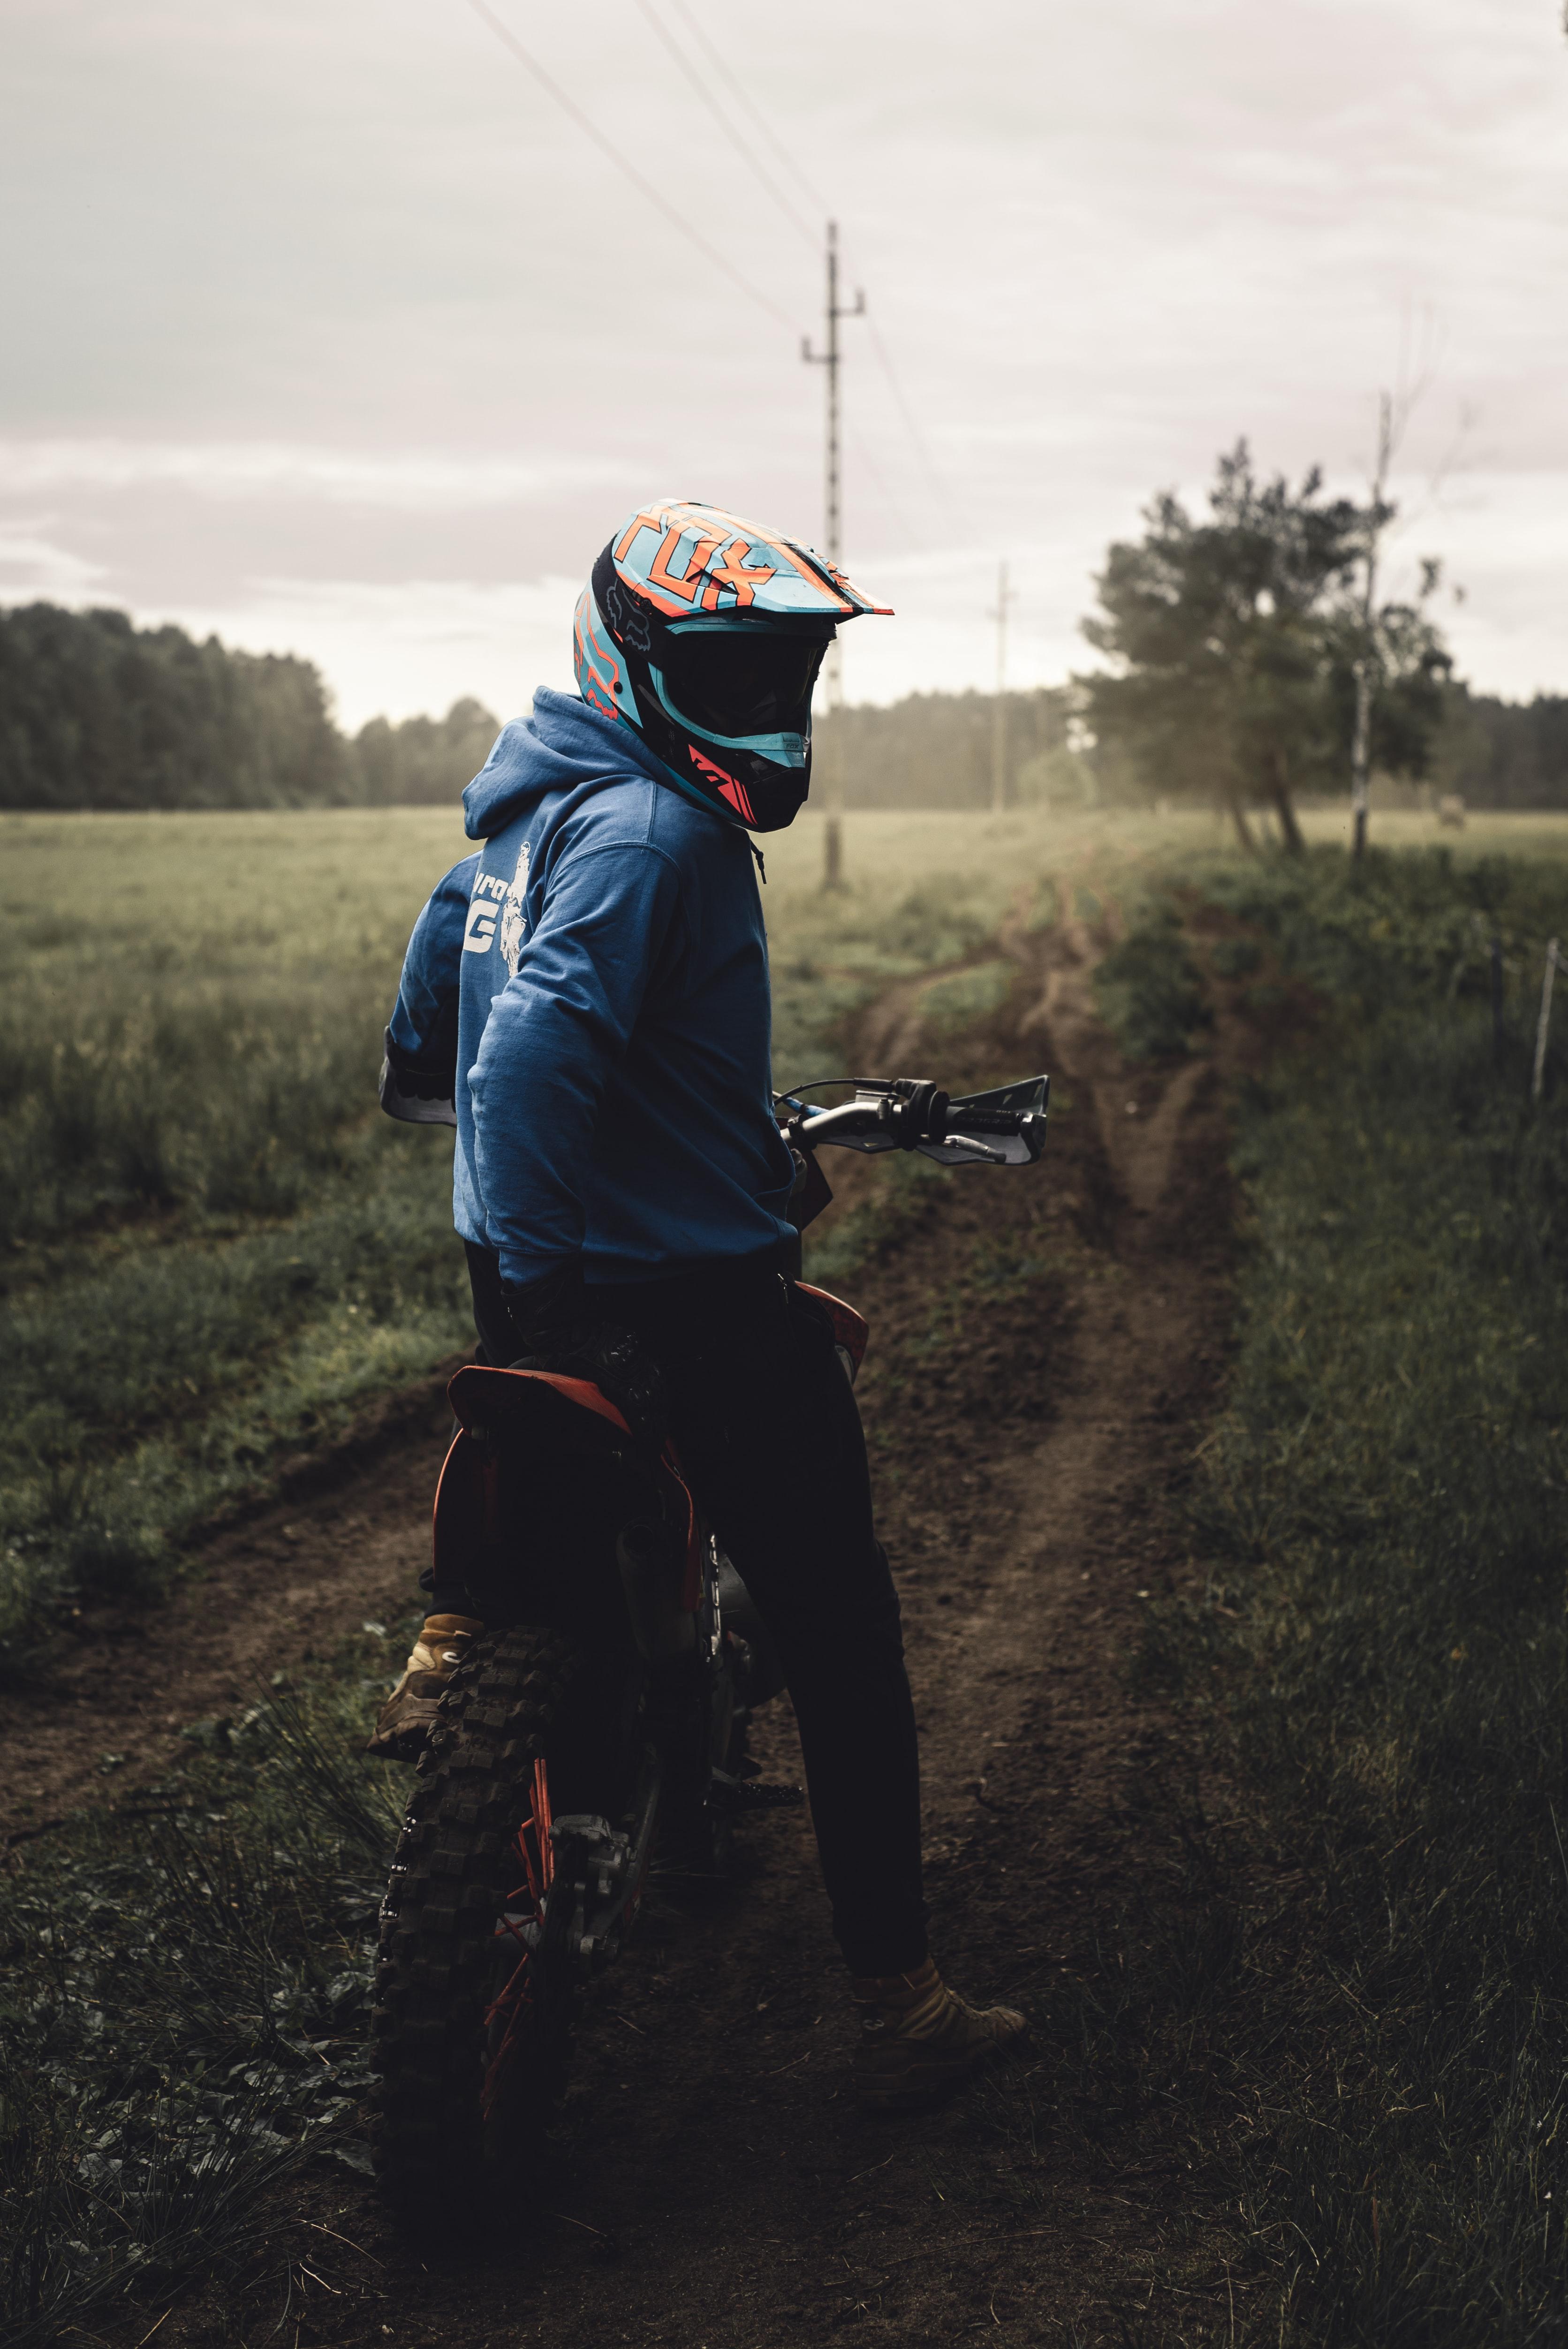 106906 скачать обои Мотоциклы, Байк, Мотоцикл, Мотоциклист, Шлем - заставки и картинки бесплатно